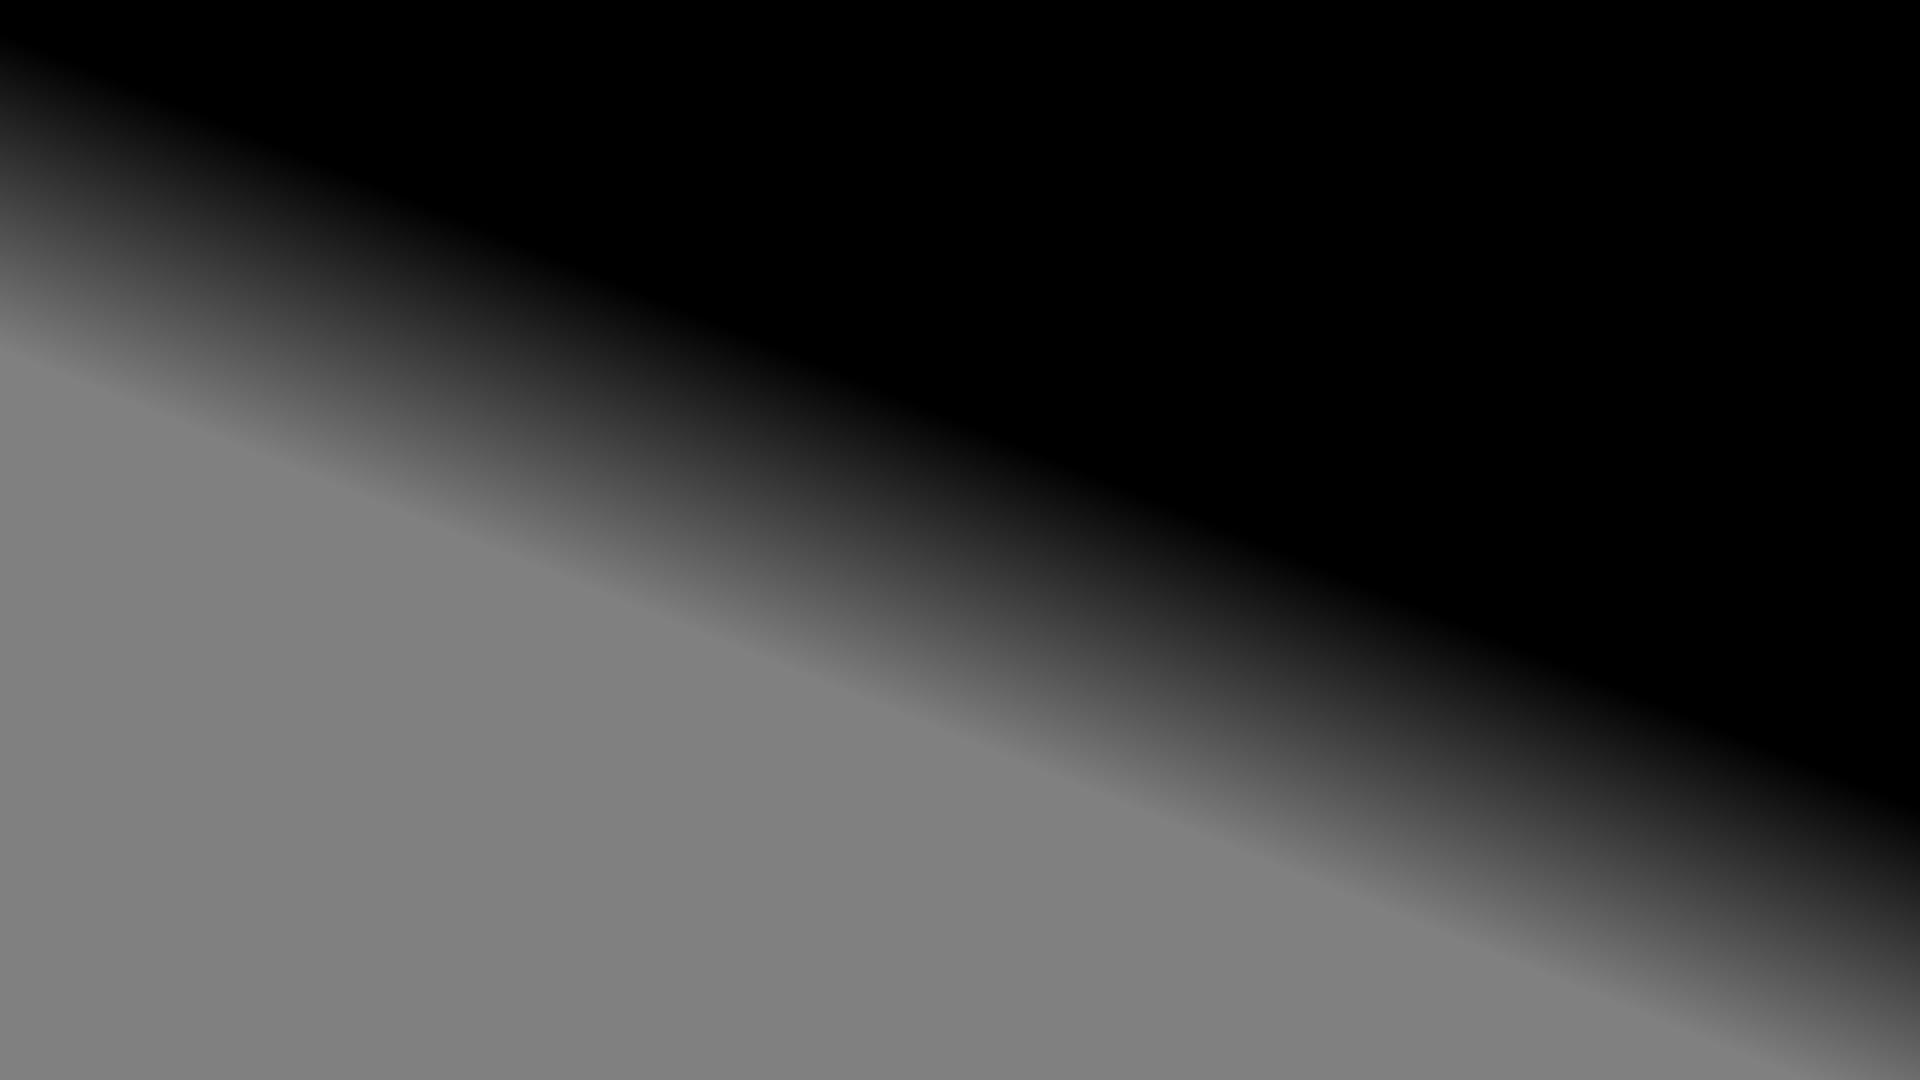 Gray And Black Diagonal Gradient